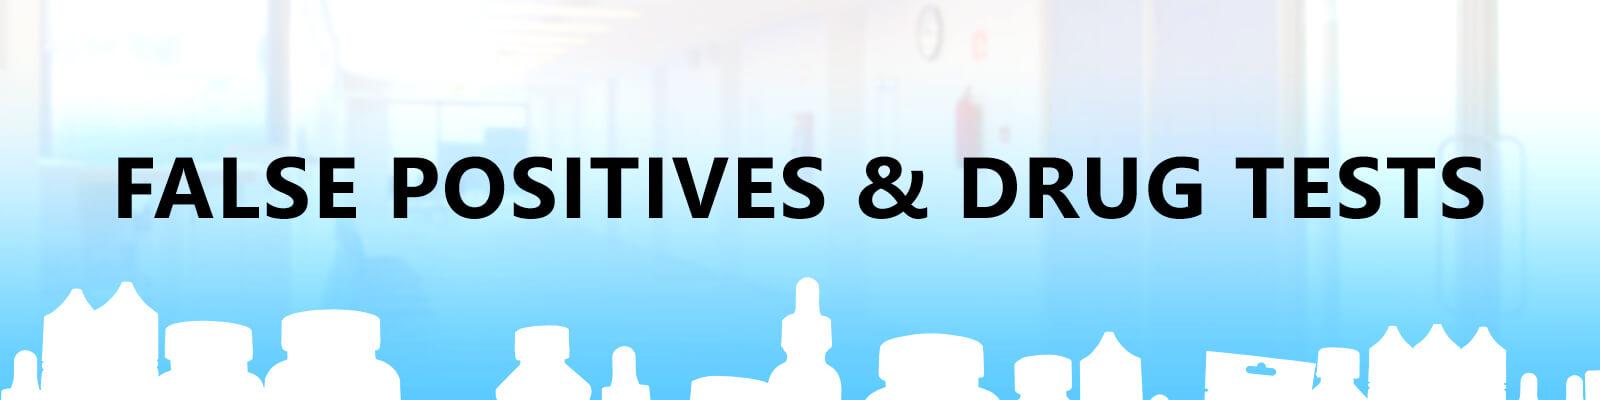 false positives and drug tests